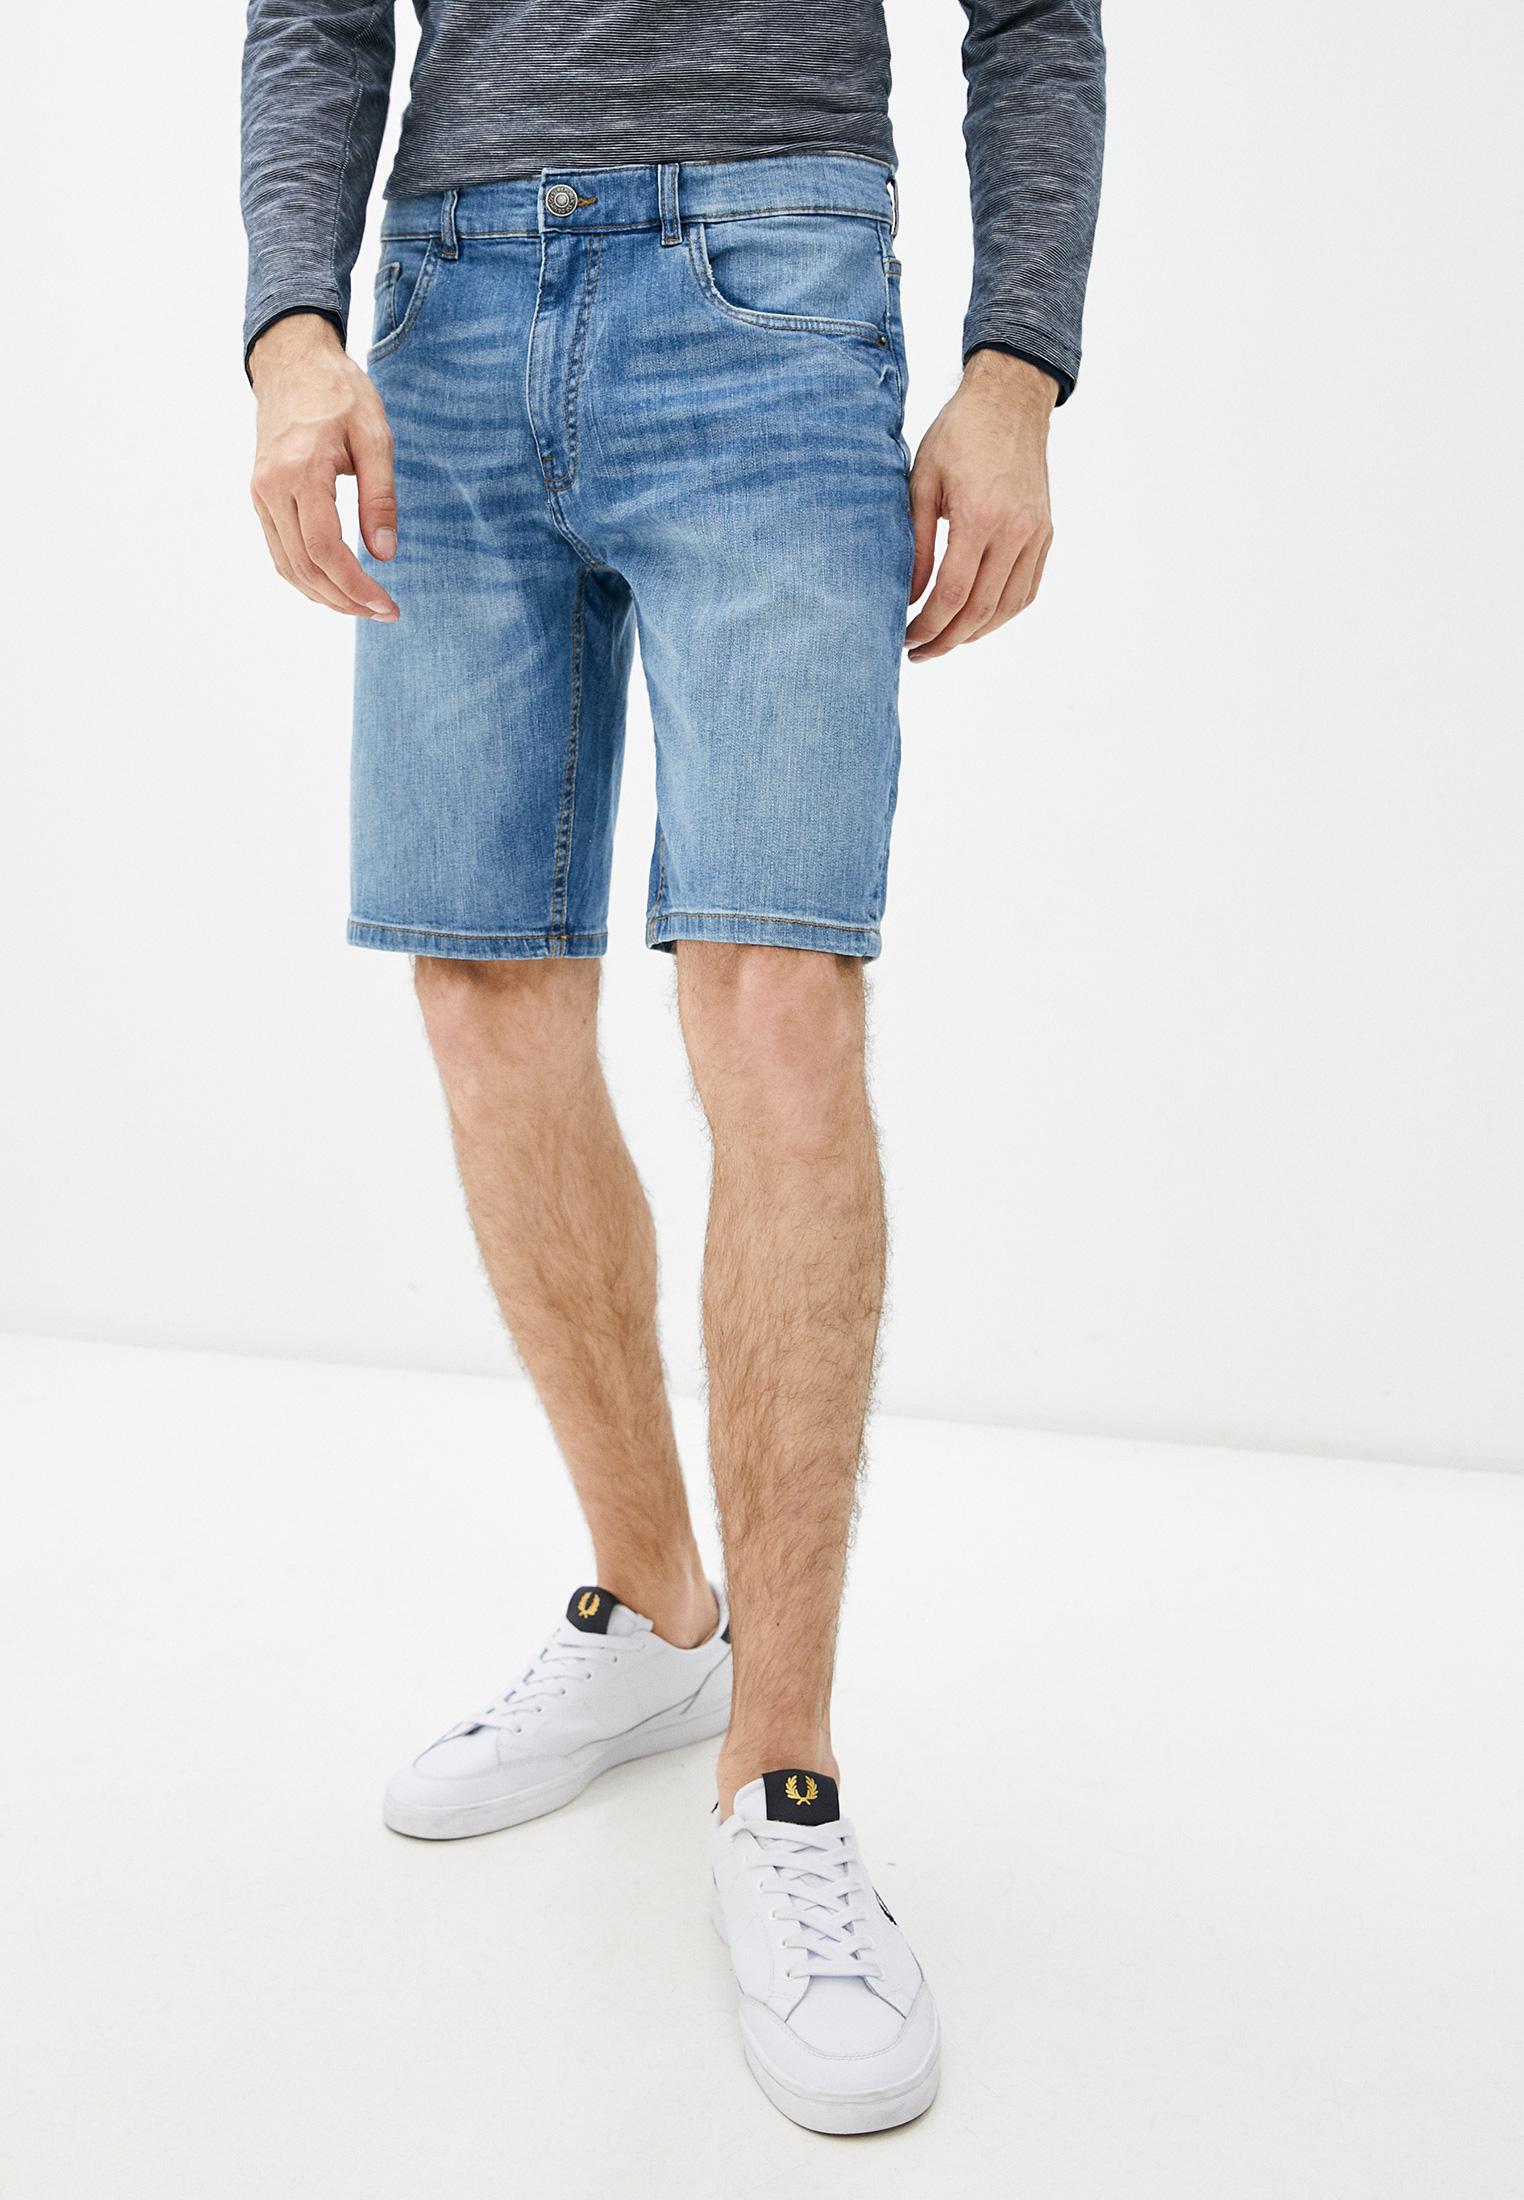 Мужские джинсовые шорты OVS Шорты джинсовые OVS